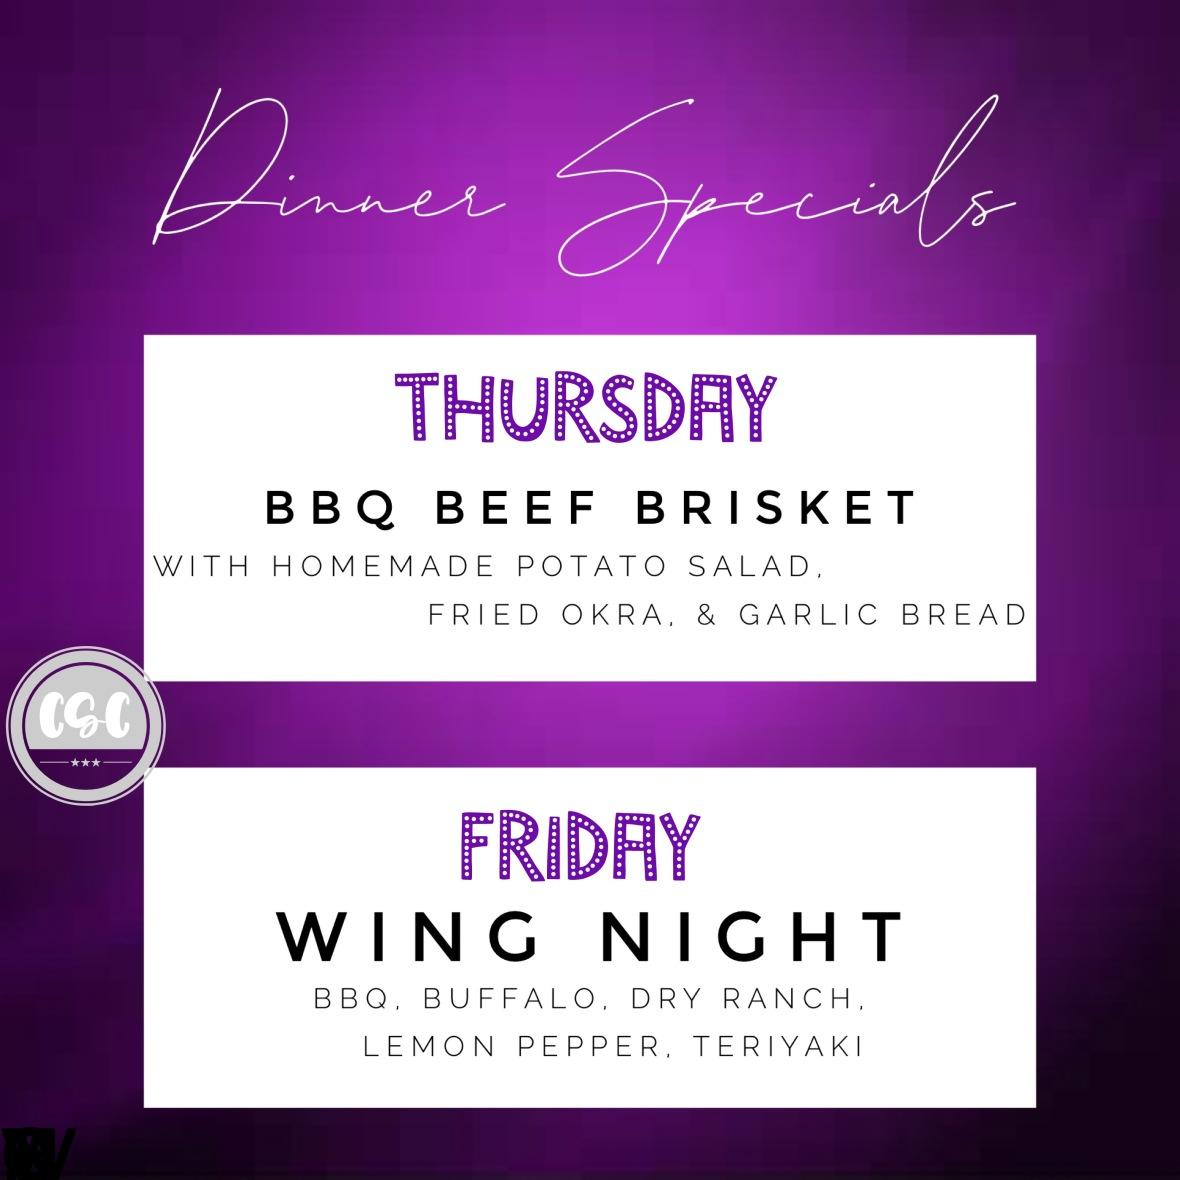 dinner specials july 3